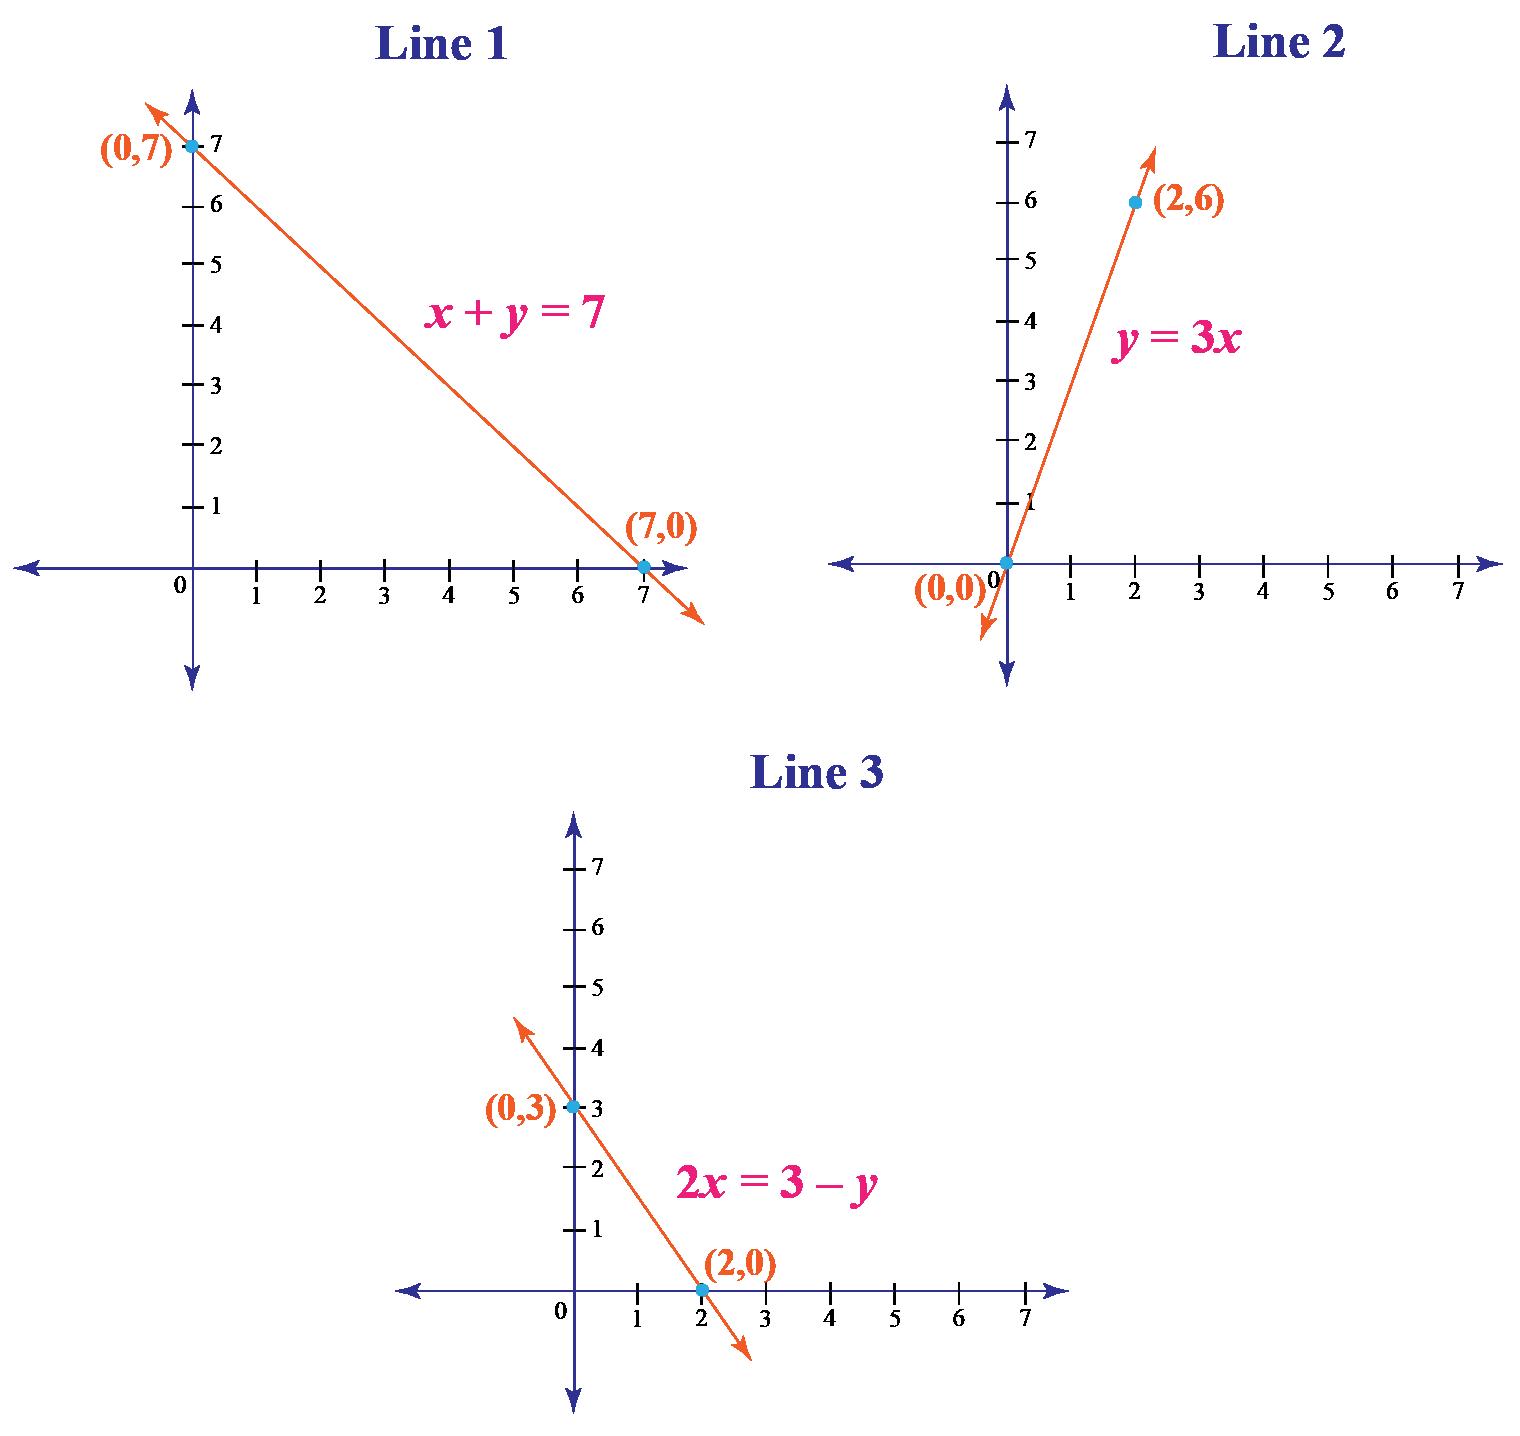 standard form of line